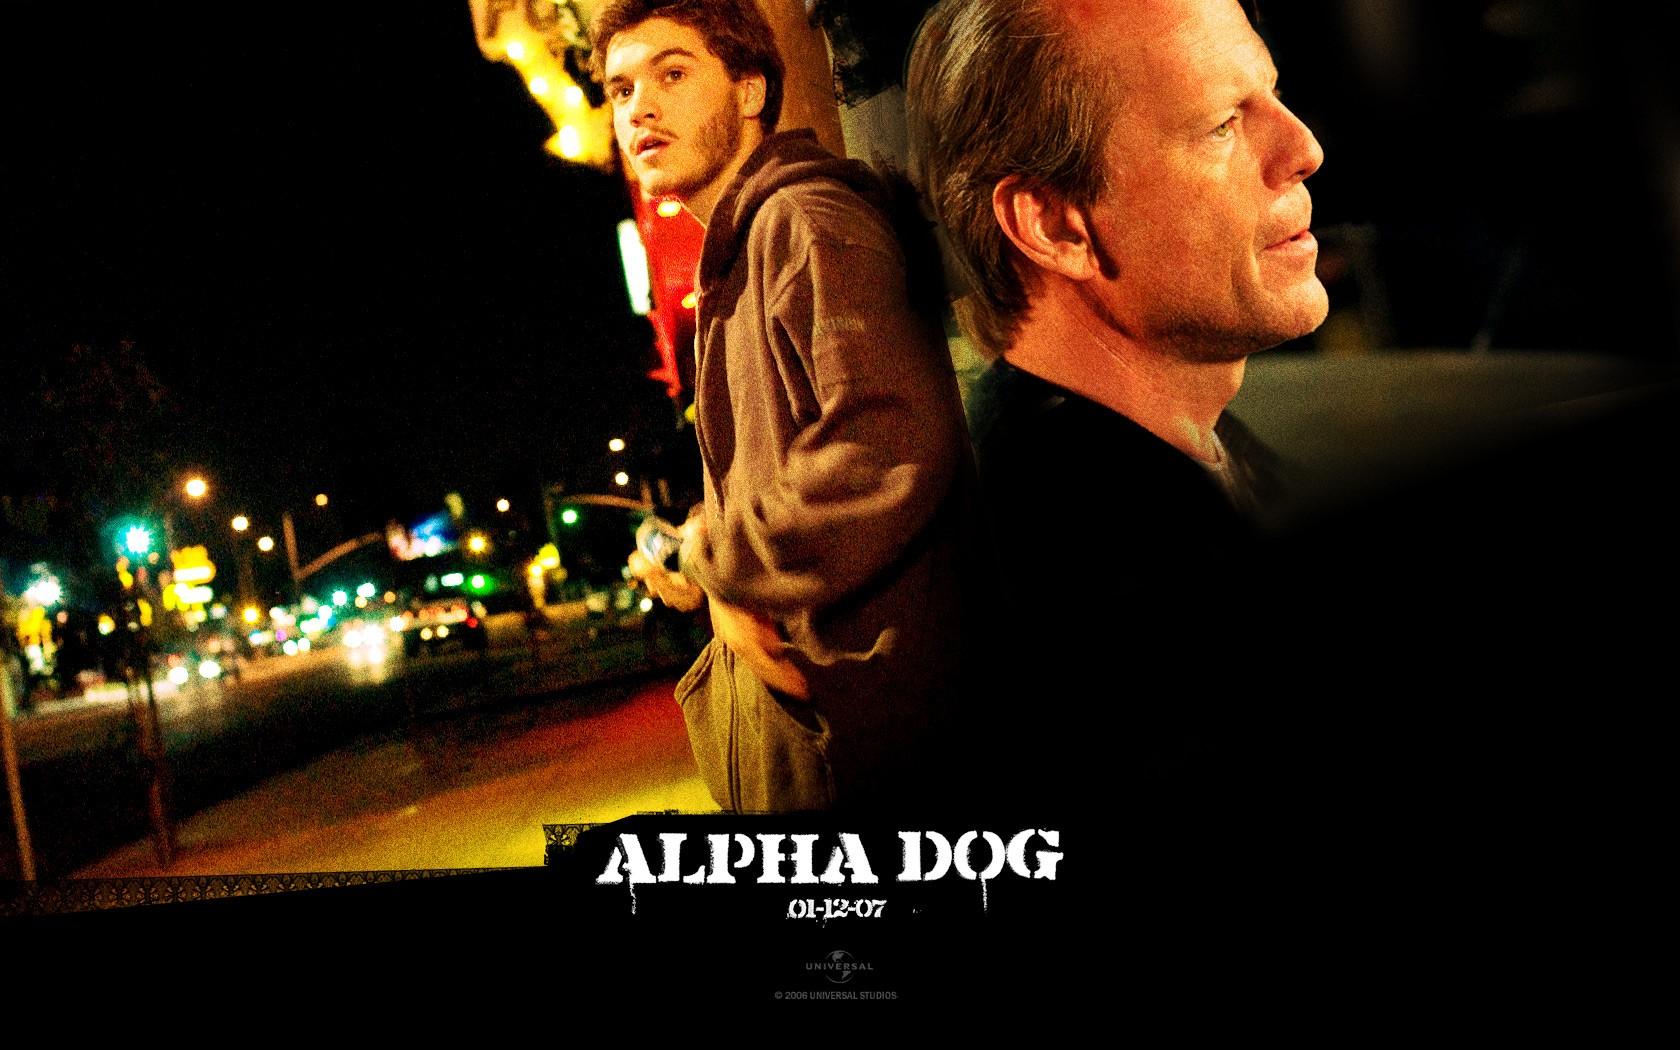 Un wallpaper di Emile Hirsch e Bruce Willis del film 'Alpha Dog'